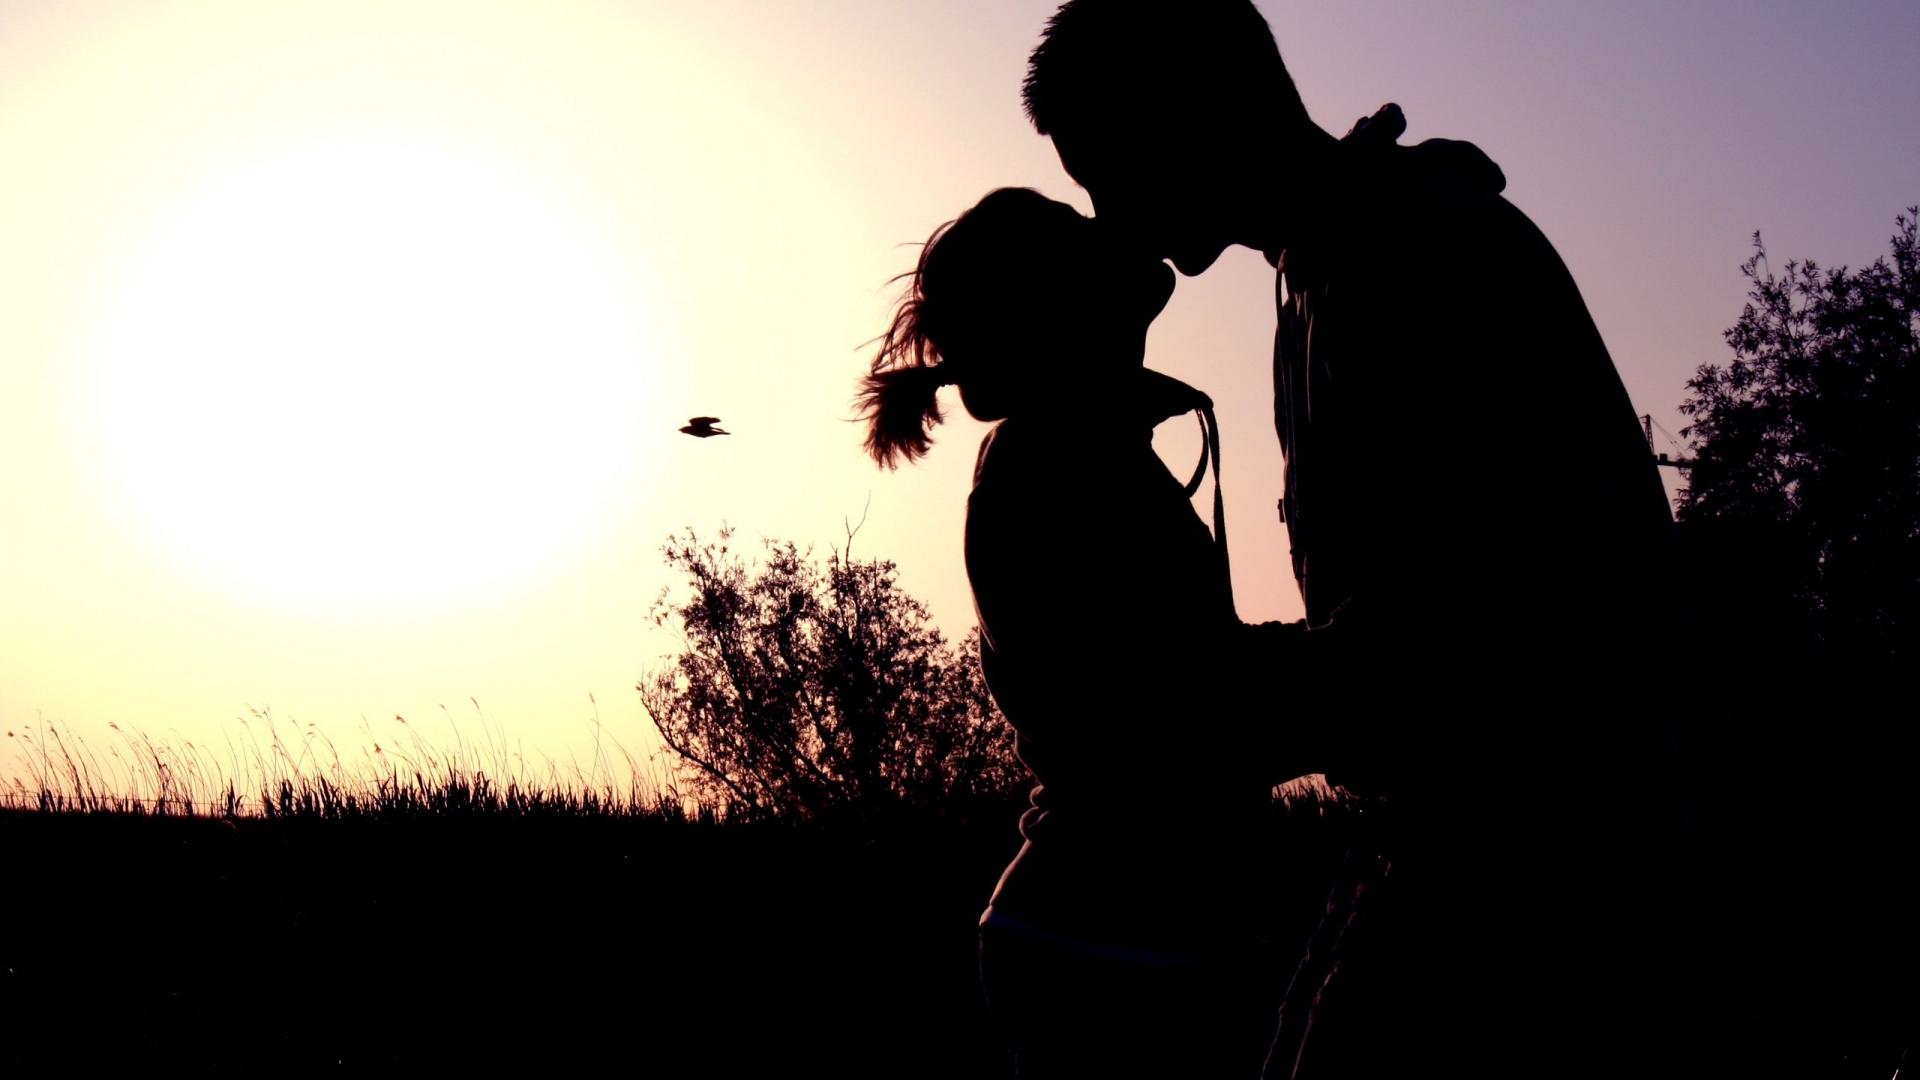 بالصور احضان الحبايب , صور احضان رومانسيه جدا 2084 9